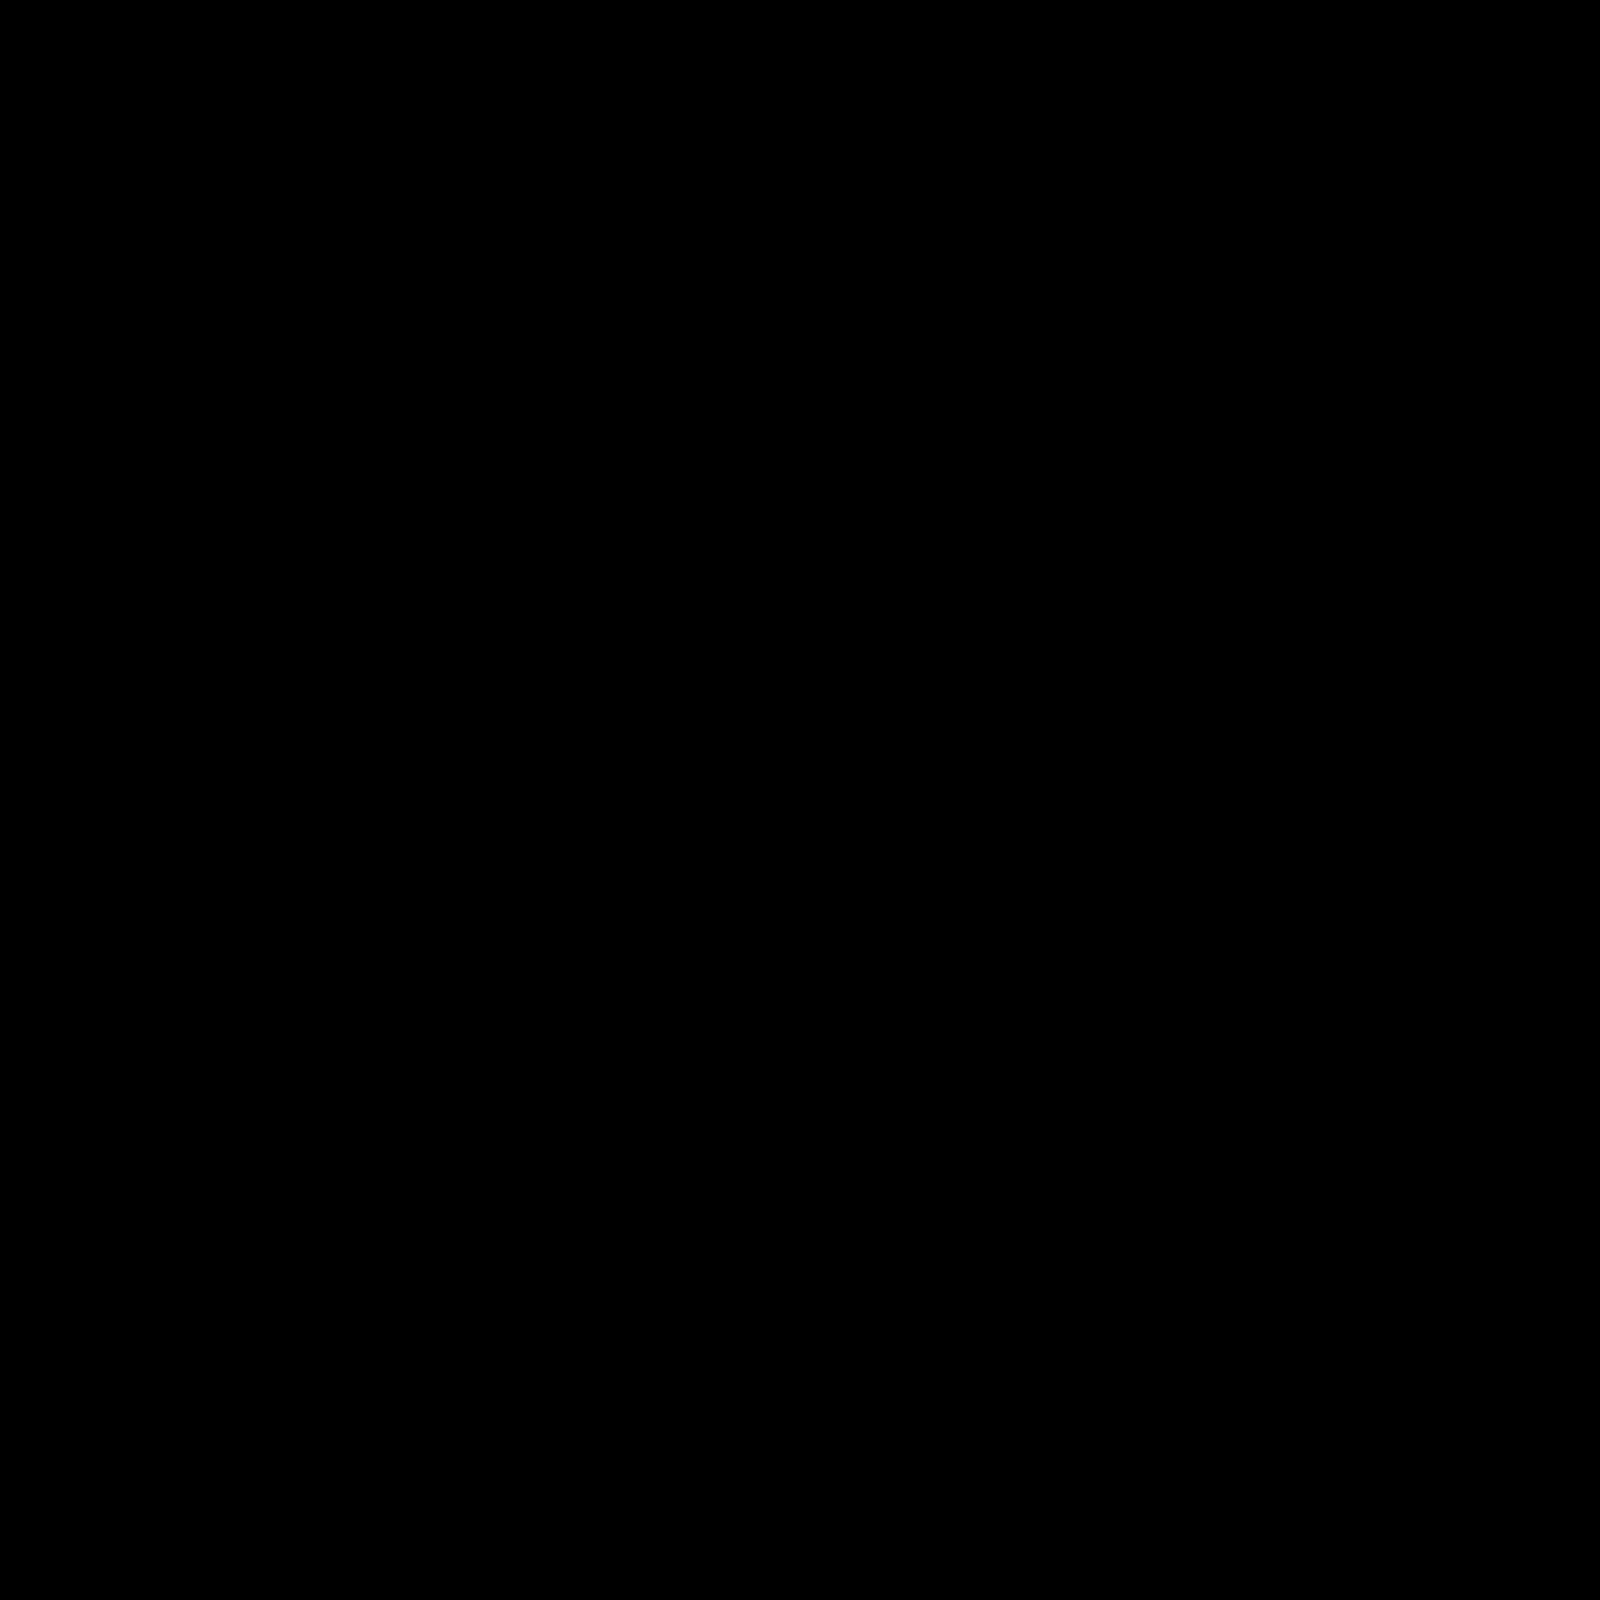 グラフ活用レポート icon